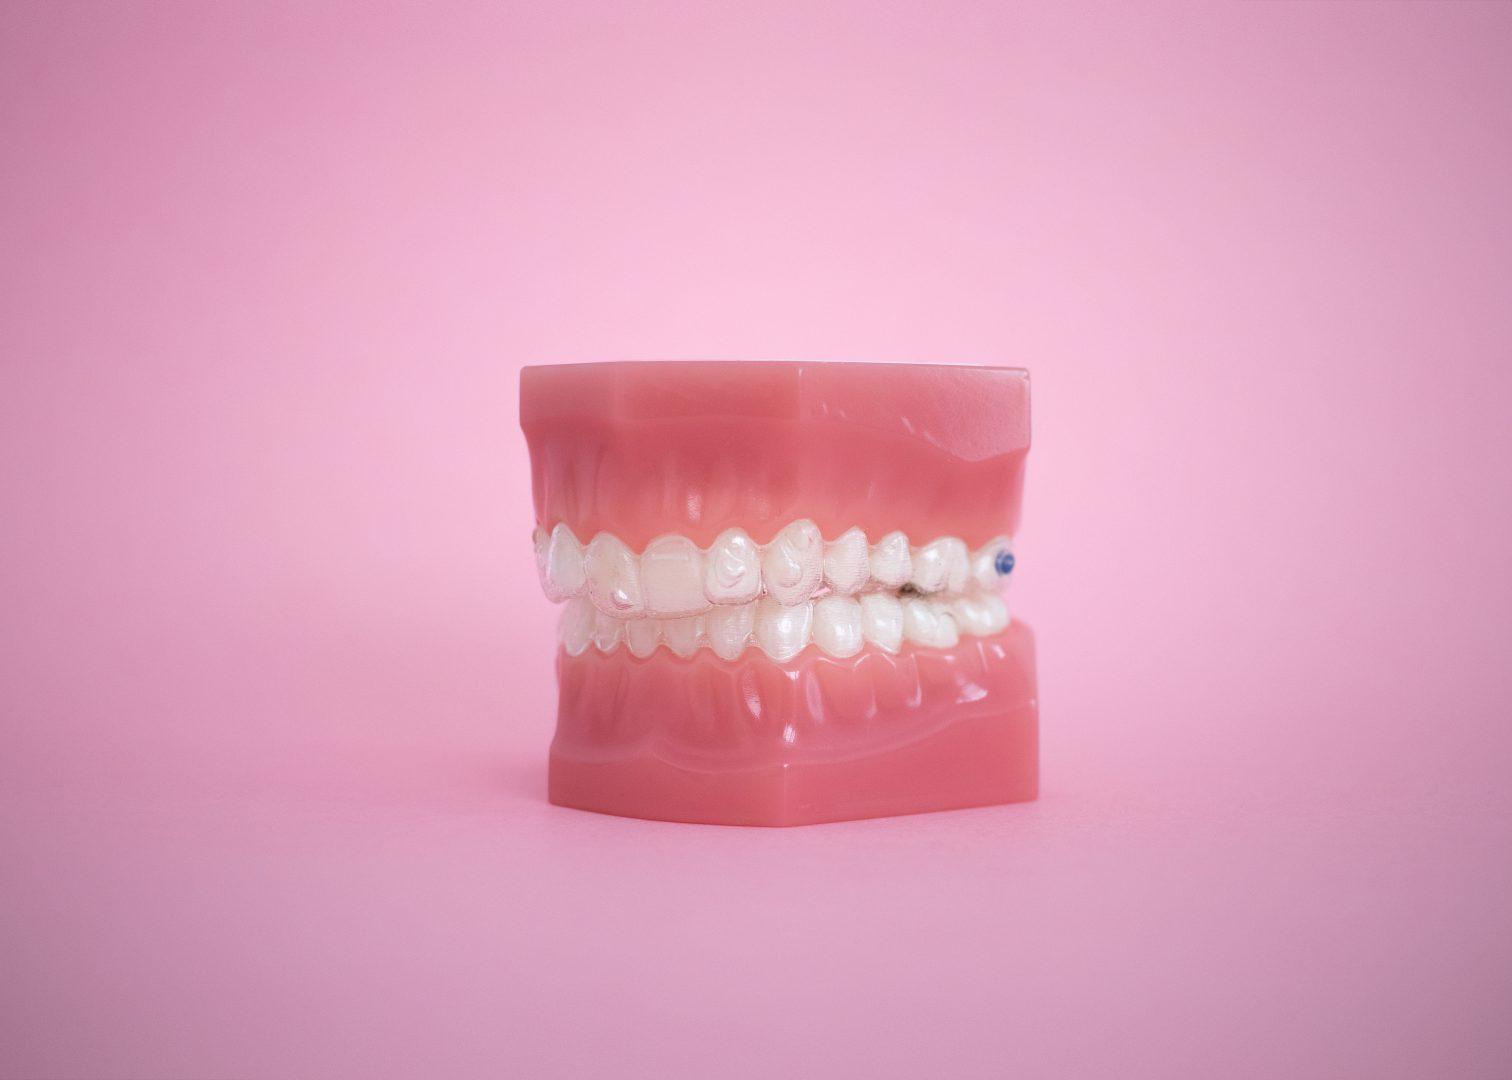 ¿Puede tratarse el bruxismo con ortodoncia?